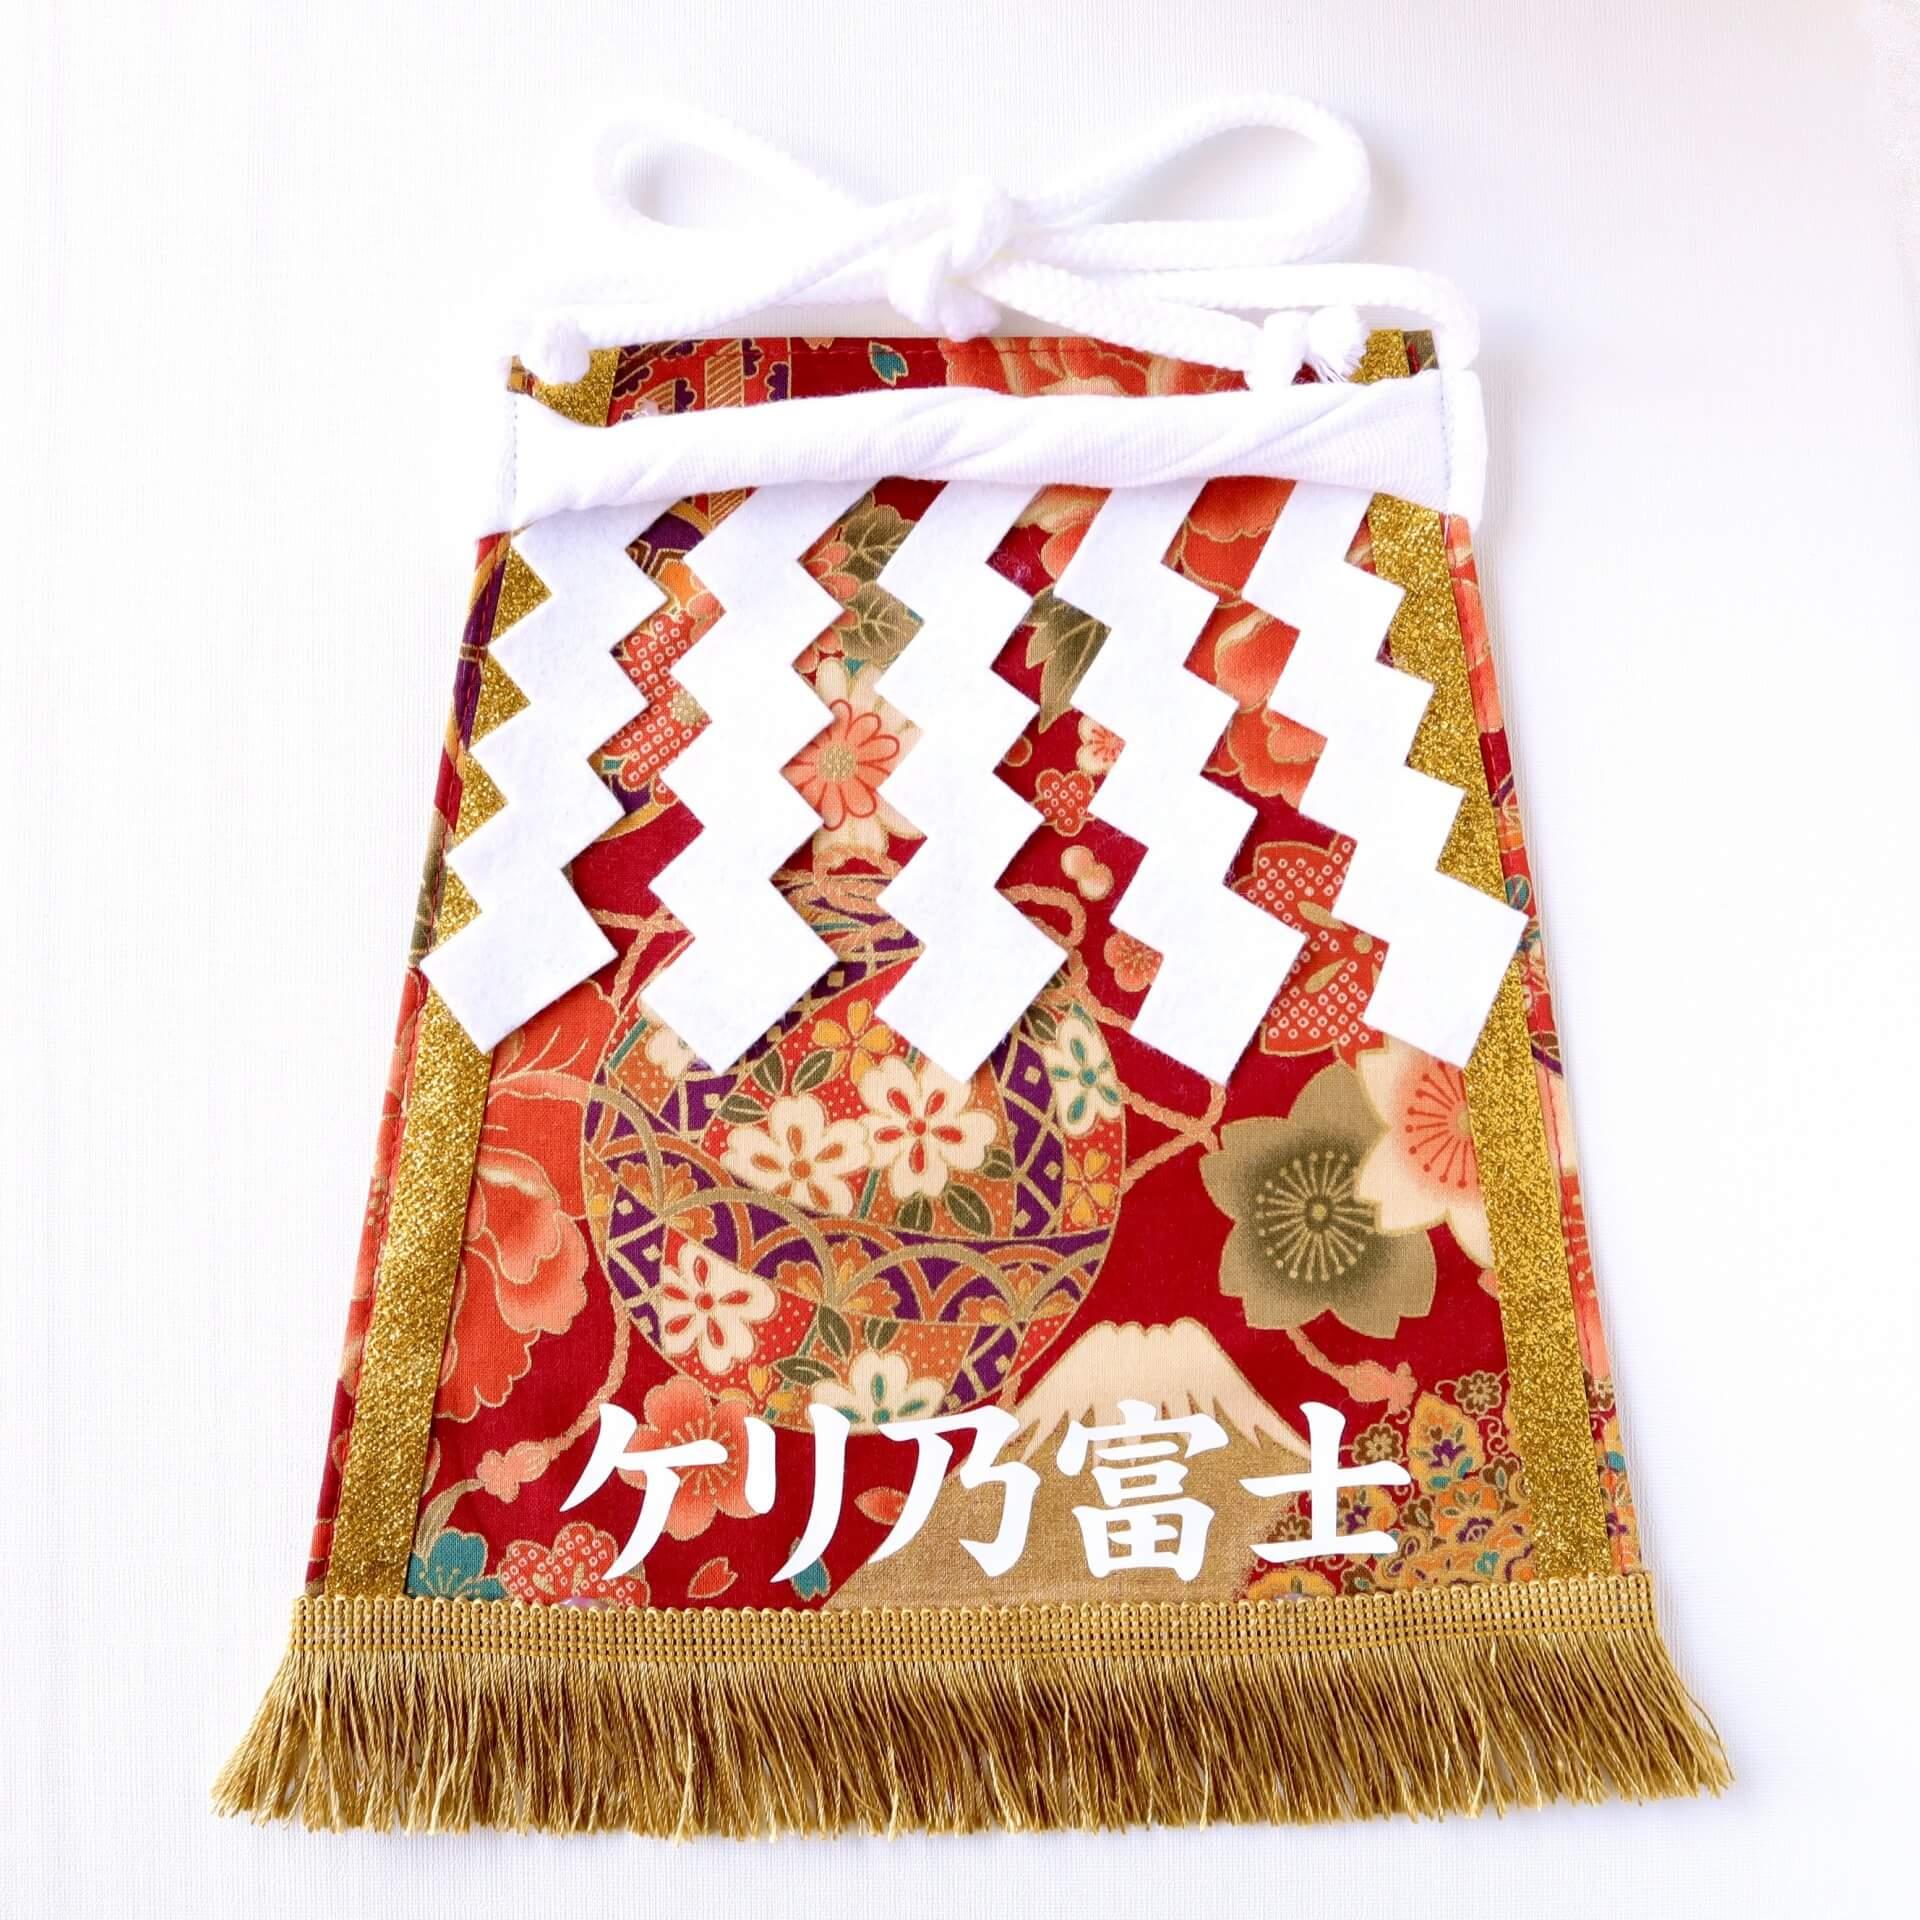 ワンちゃん化粧まわし・金富士と錦鞠・赤名入れ